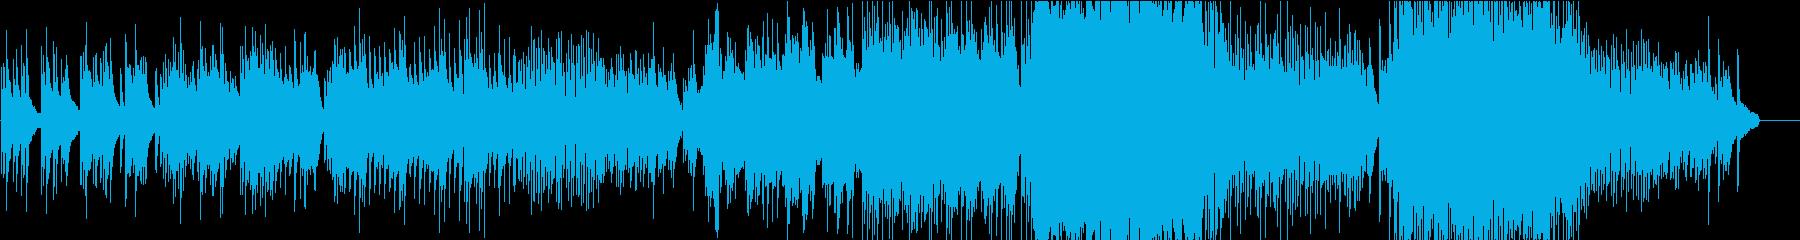 ピアノメインの卒業曲(巣立つイメージ)の再生済みの波形